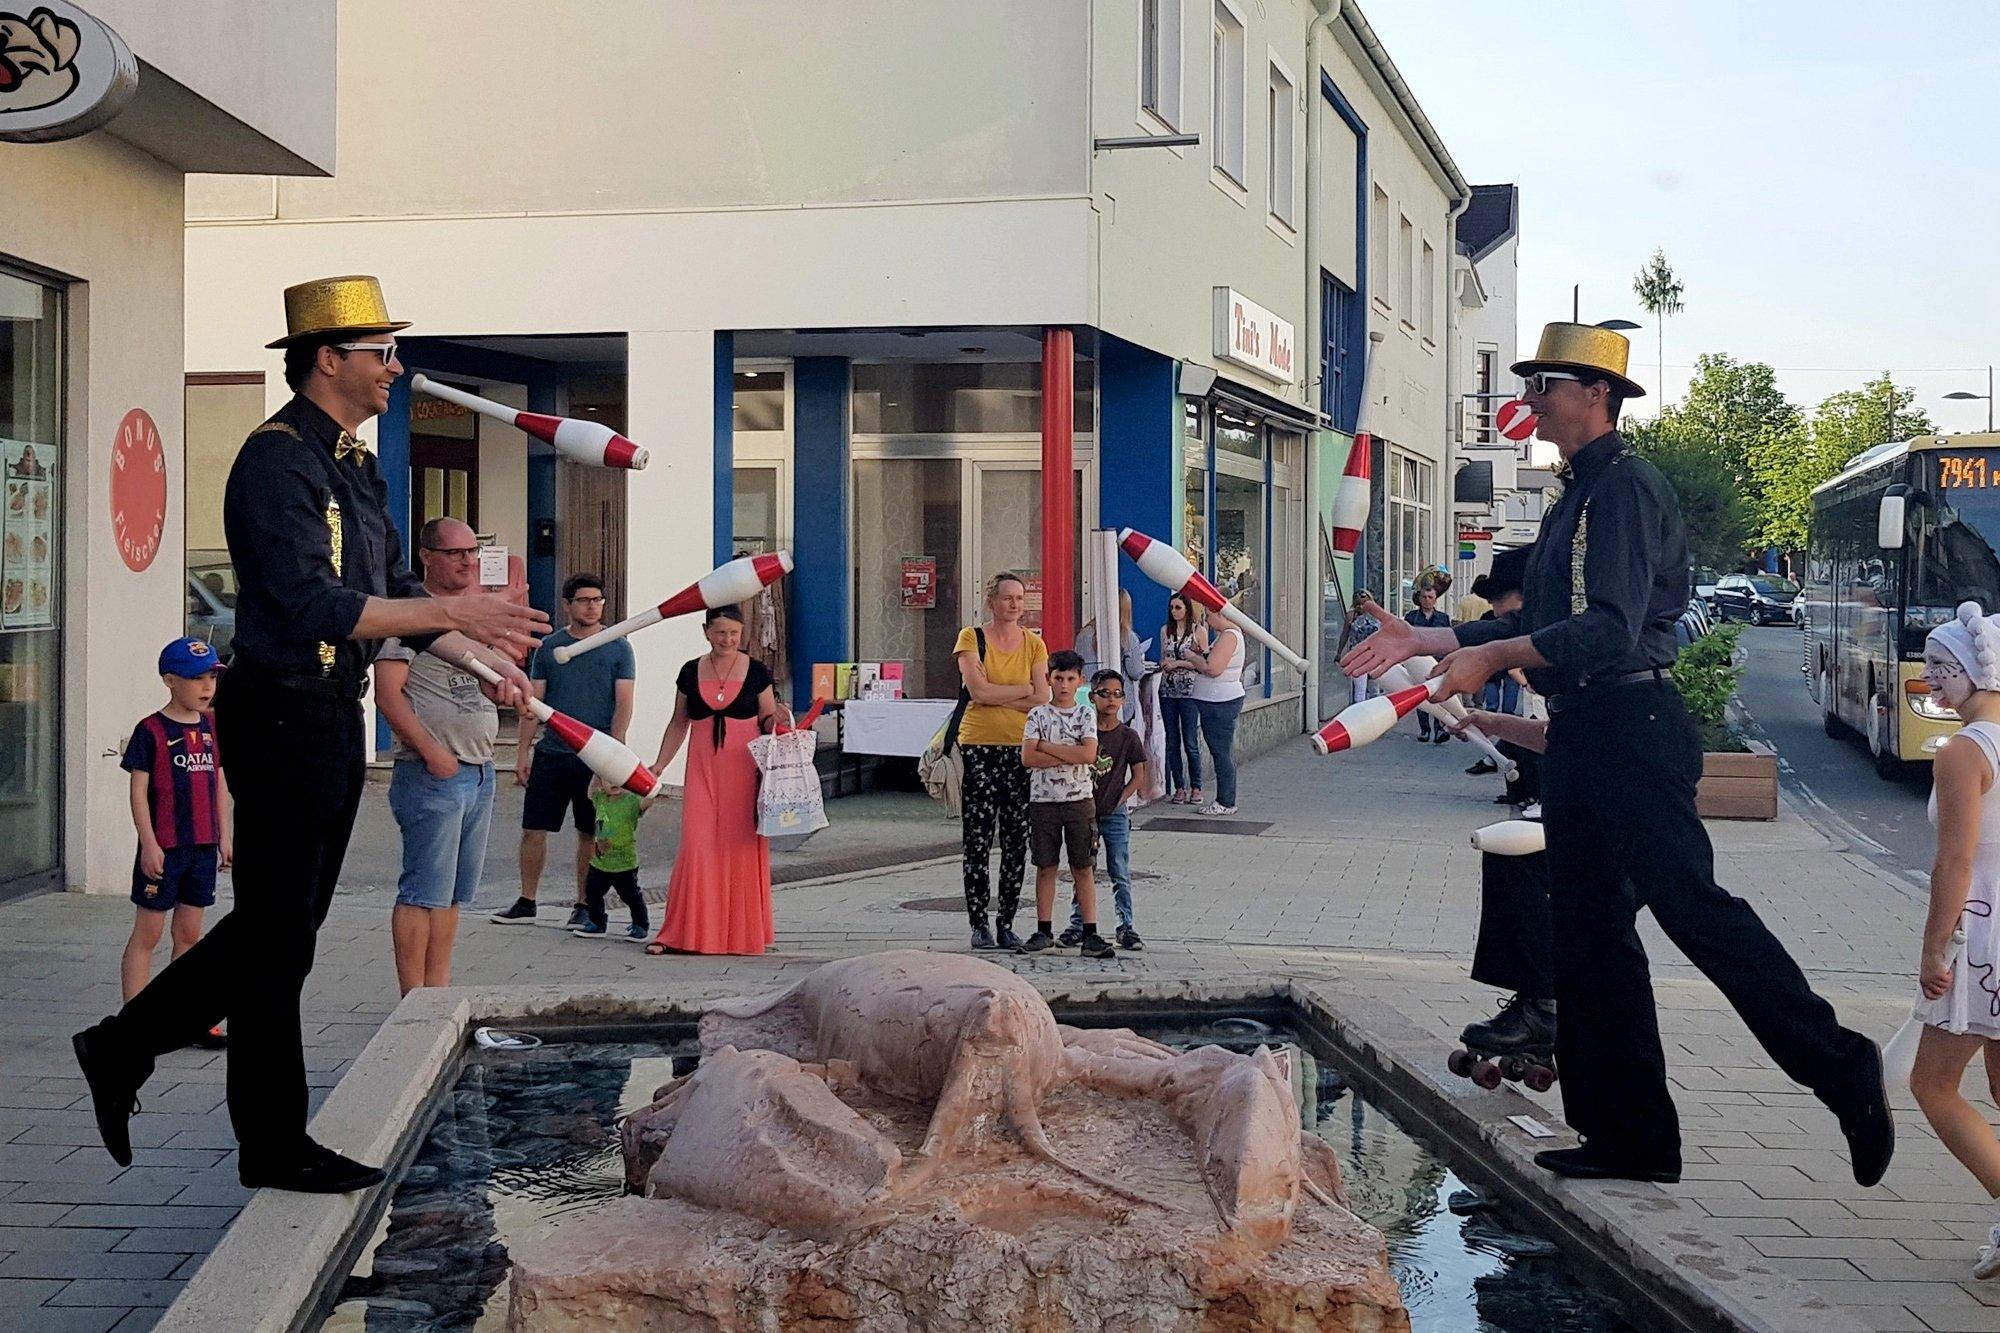 Jongleure bei einem Straßenfest in Oberpullendorf